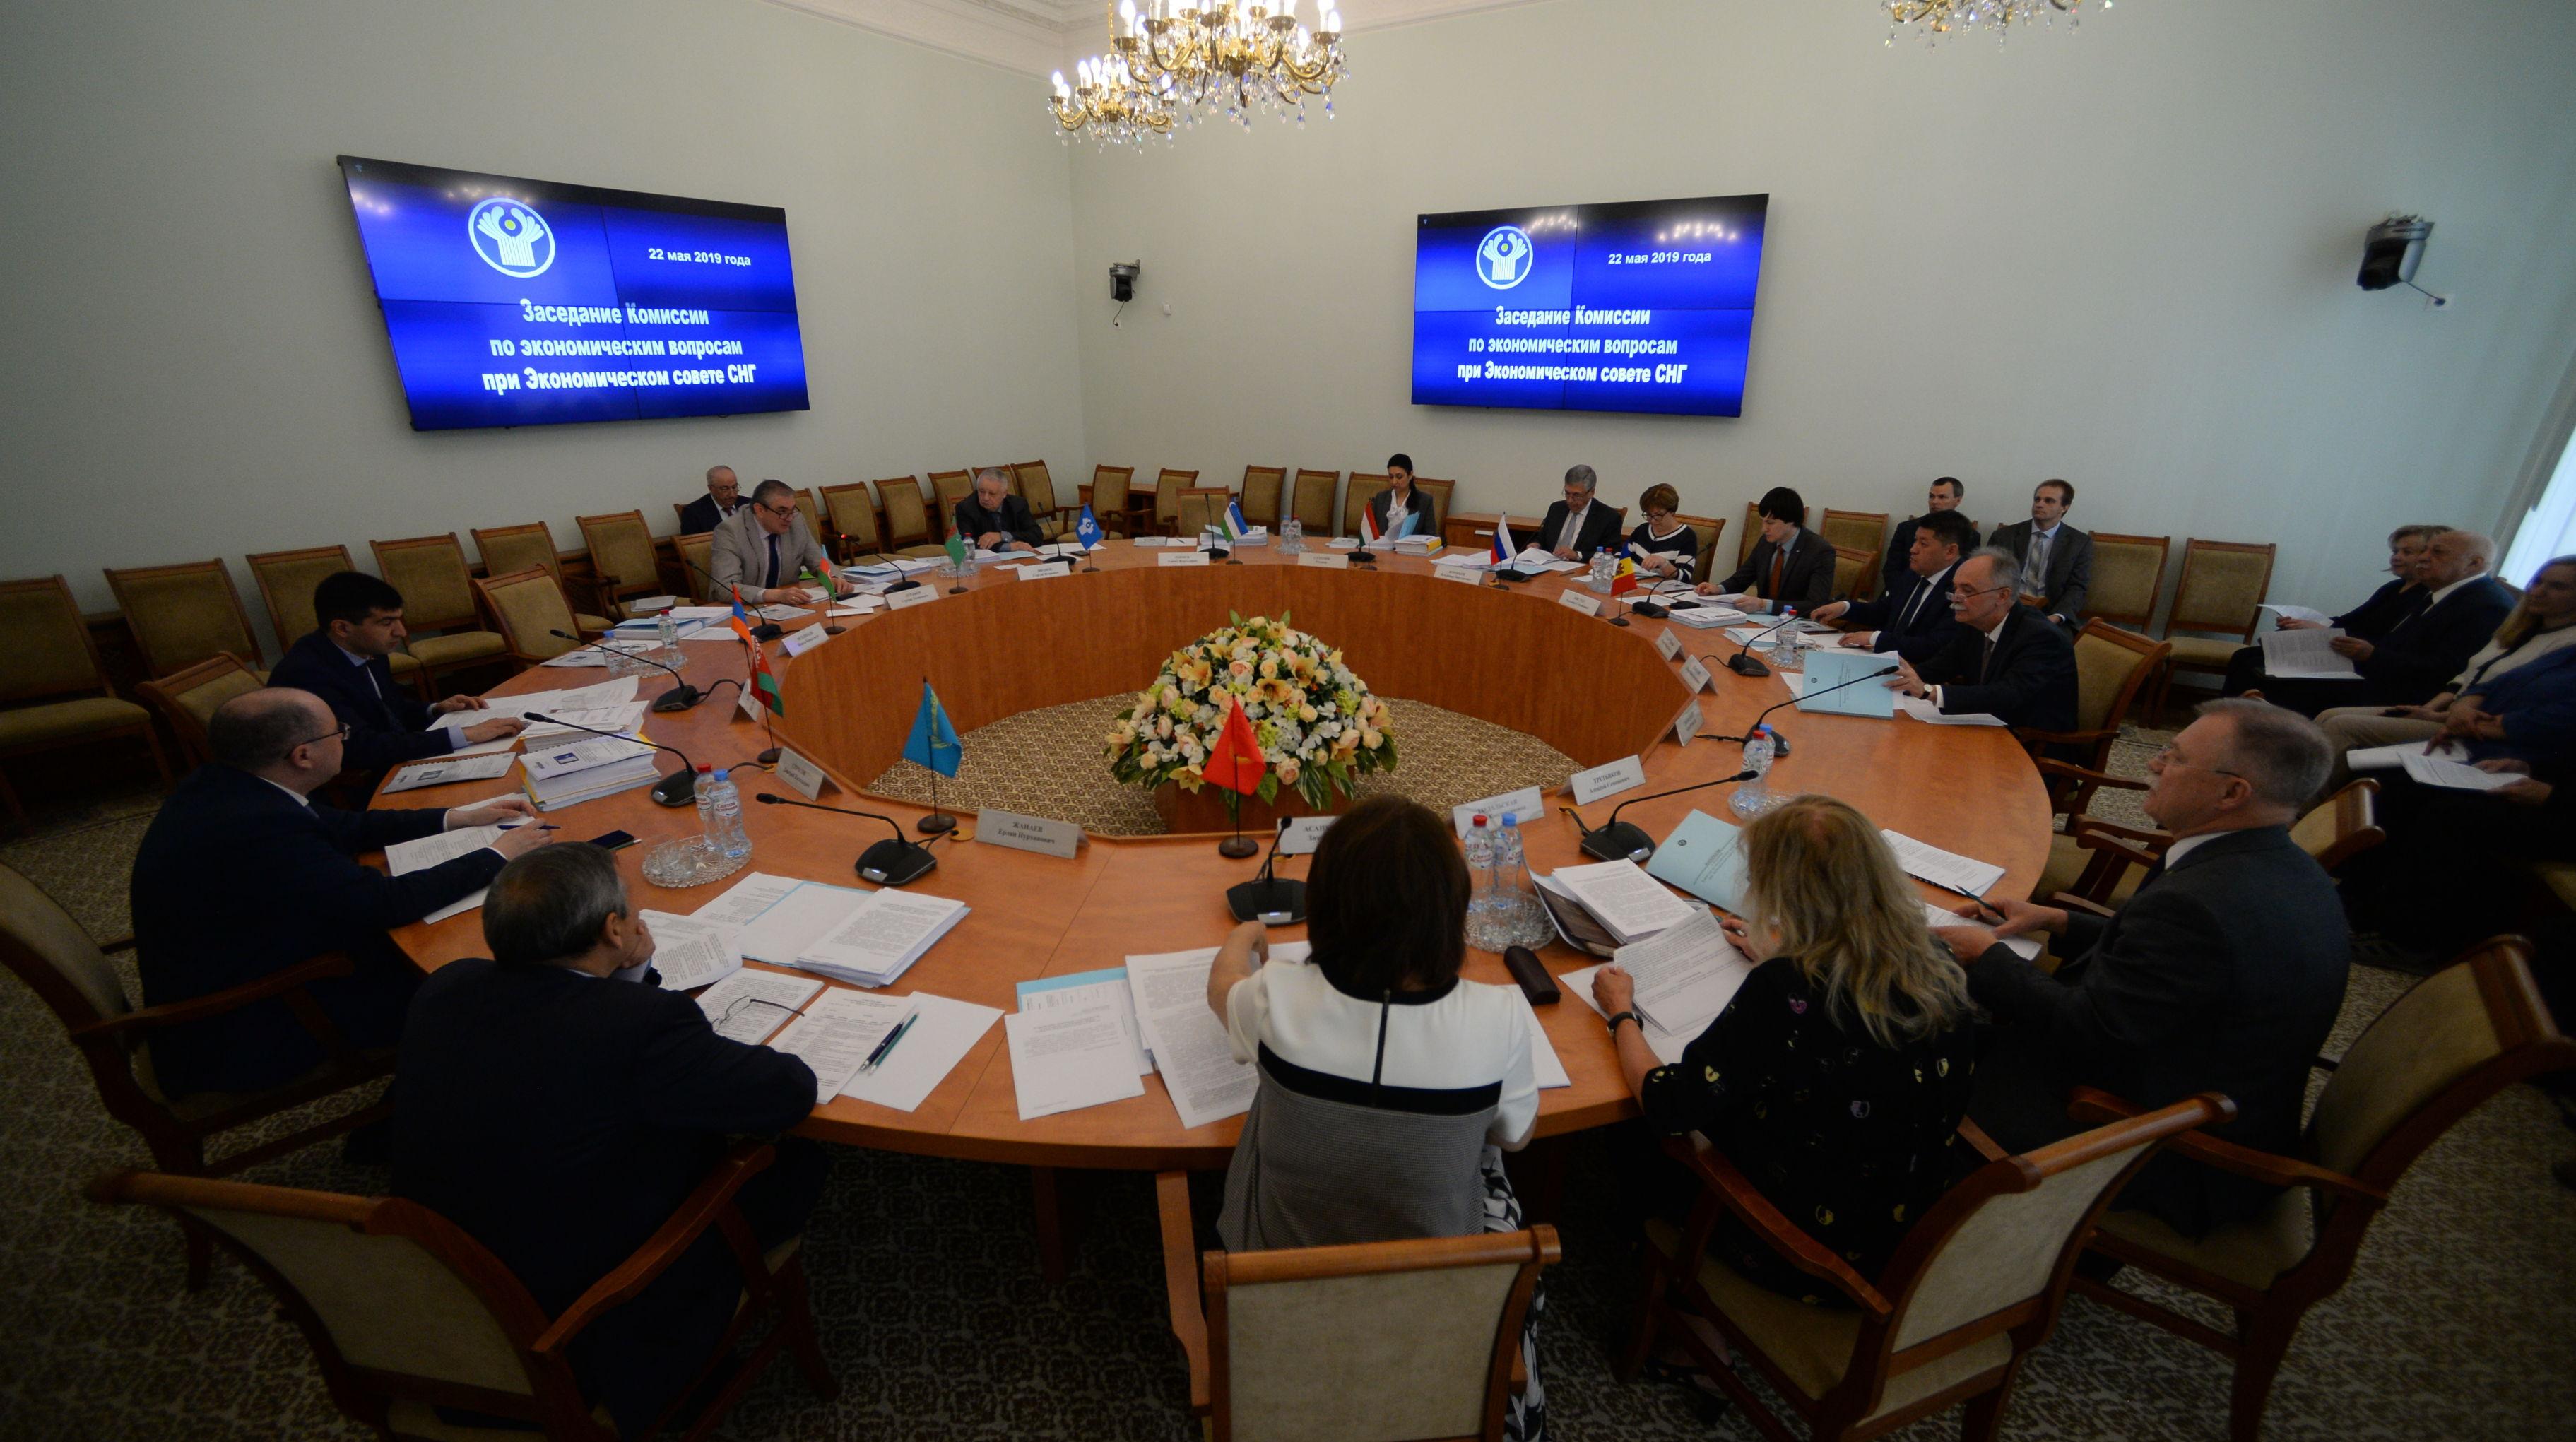 Комиссия по экономическим вопросам при Экономическом совете СНГ обсудила создание базовой организации общественного здравоохранения государств-участников СНГ